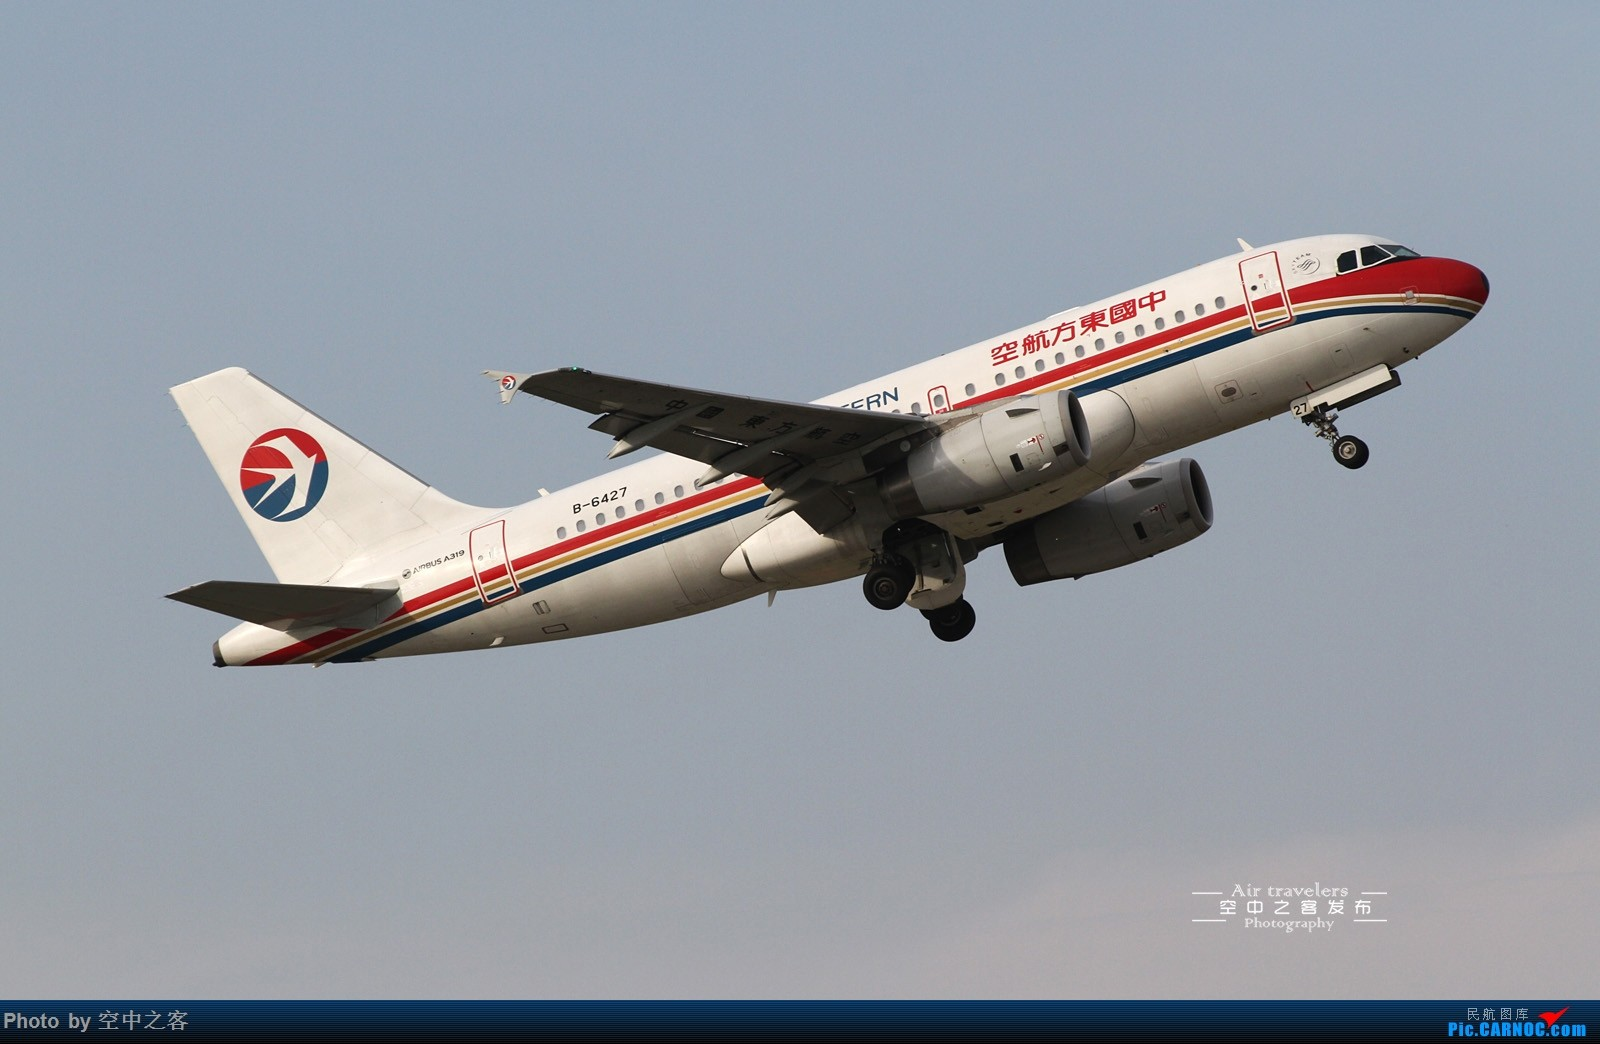 Re:[原创][合肥飞友会·霸都打机队]空中之客发布 新机场A5拍机位草都长一人高了 拍拍拉起 AIRBUS A319-100 B-6427 合肥新桥国际机场